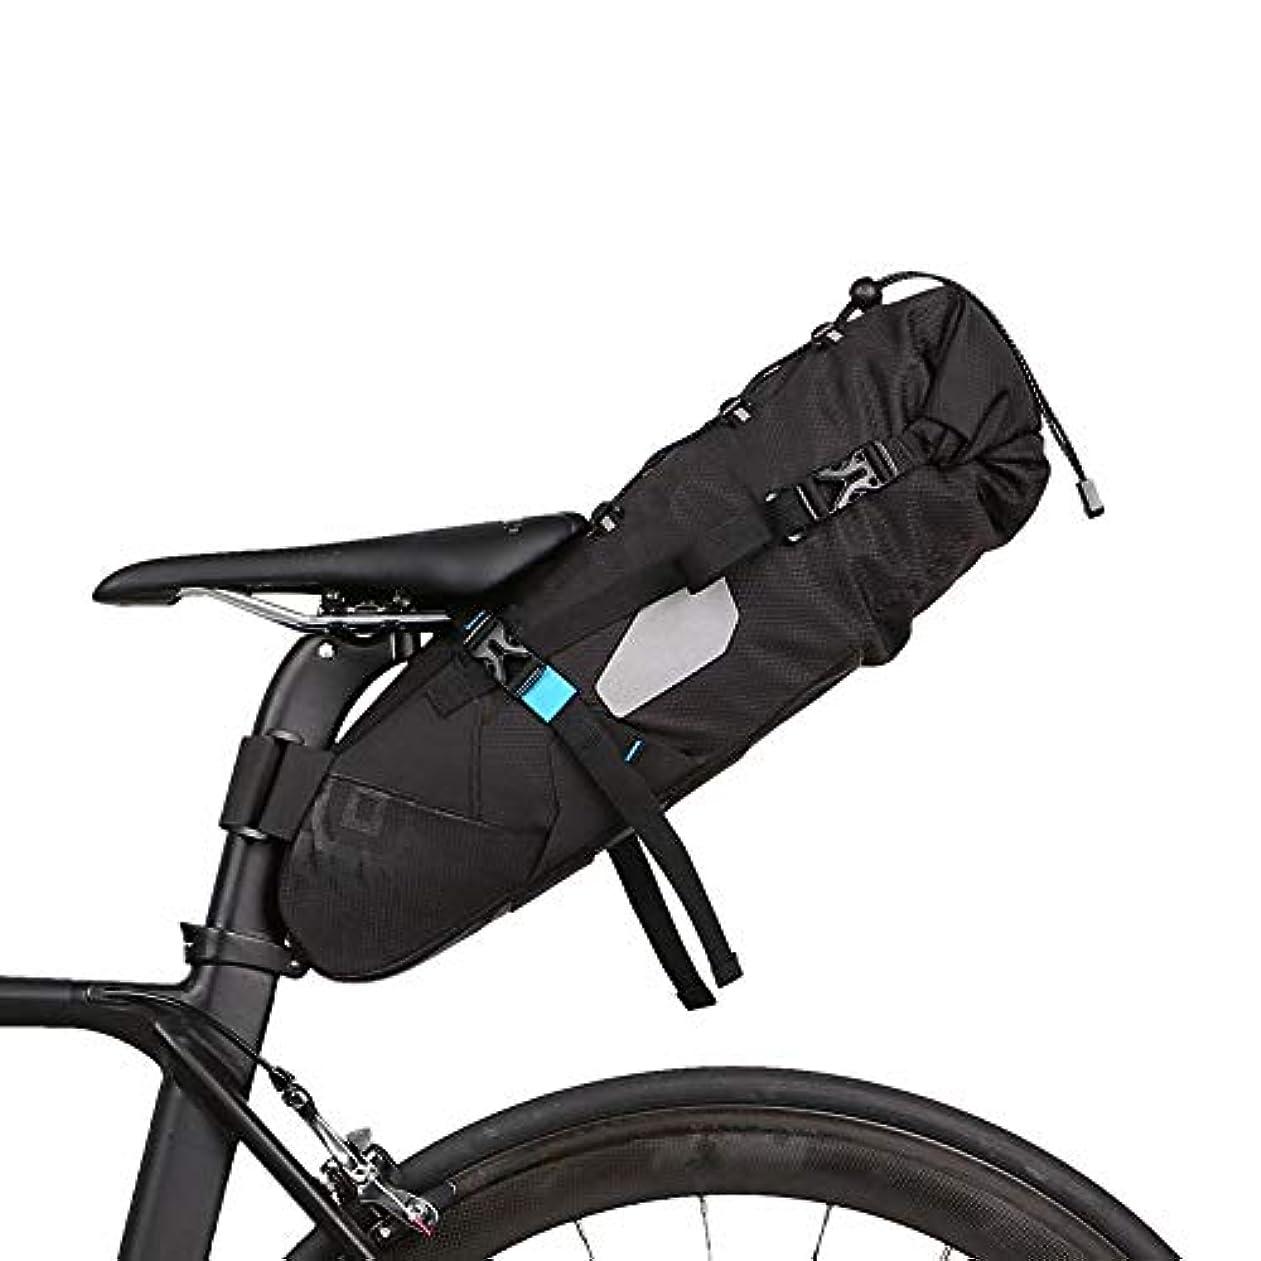 障害詐欺師立ち向かう自転車バイクリアシートトランクバッグ ロードマウンテンサイクリング7L用自転車トランクバッグクイックリリースフレームバッグ自転車パニエバッグ サイクリングアクセサリー (Color : Black, Size : 40*14.5*11.5cm)